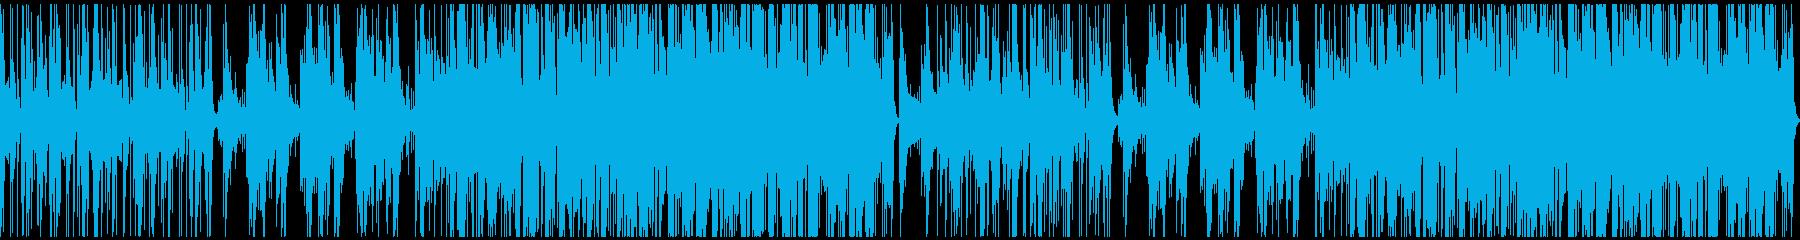 疾走感あふれる妖艶なピアノジャズ:ループの再生済みの波形